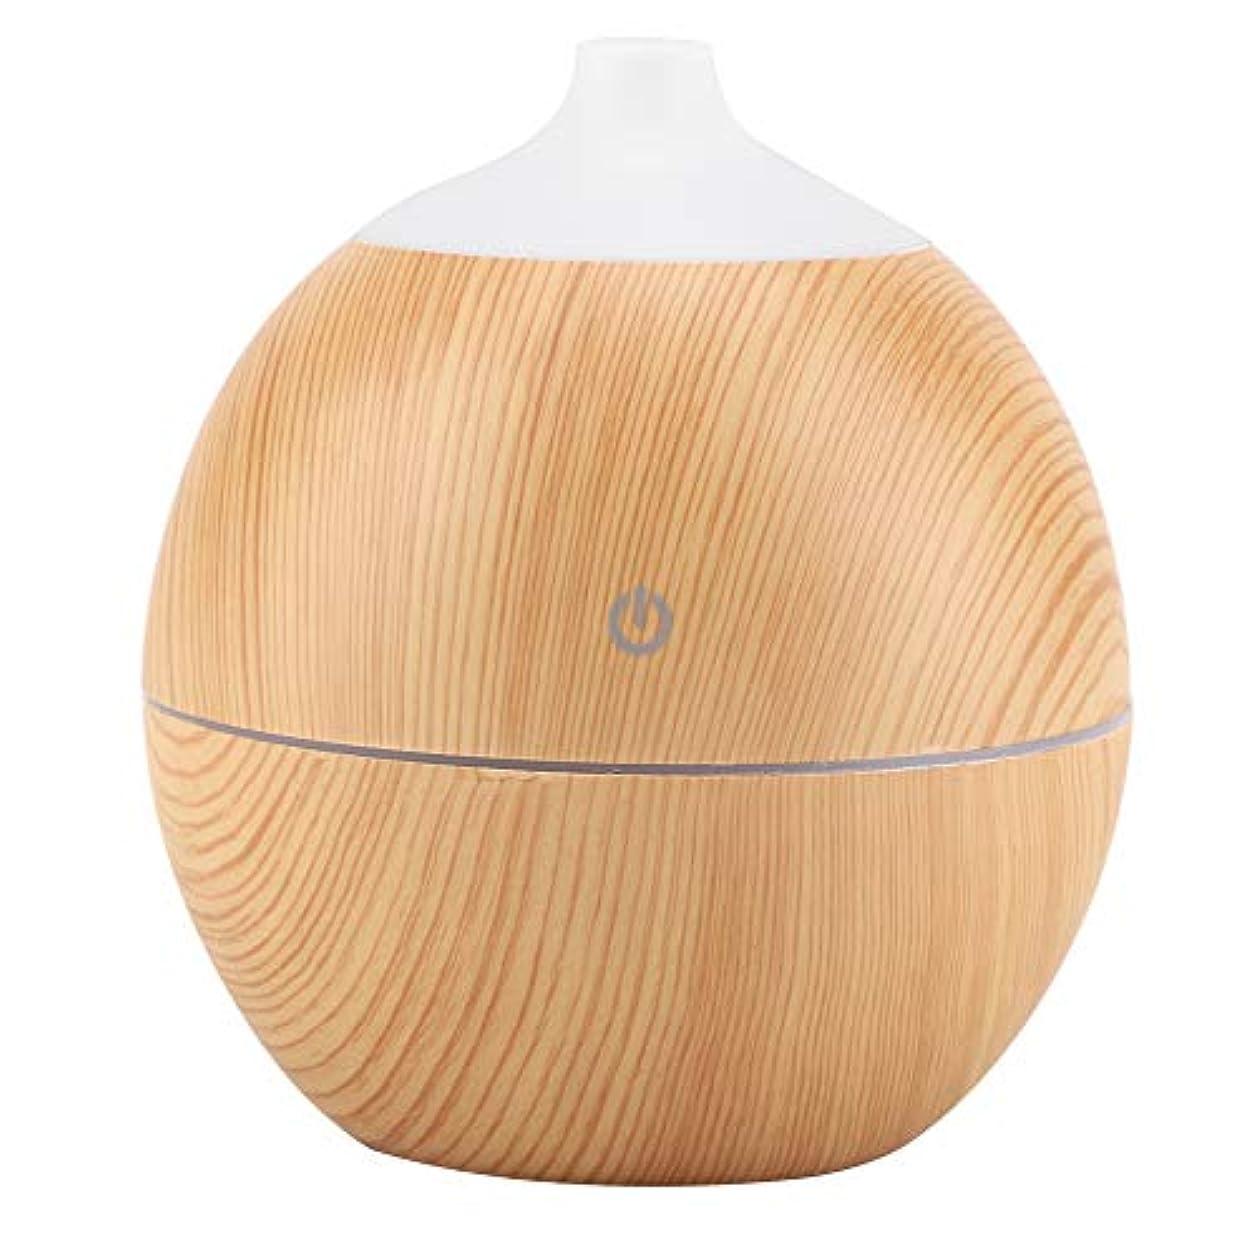 エッセンシャルオイルディフューザー、130 mlかなりアロマエッセンシャルオイル加湿器気化器クールミスト加湿器ライト付き芳香剤(ライトウッド)